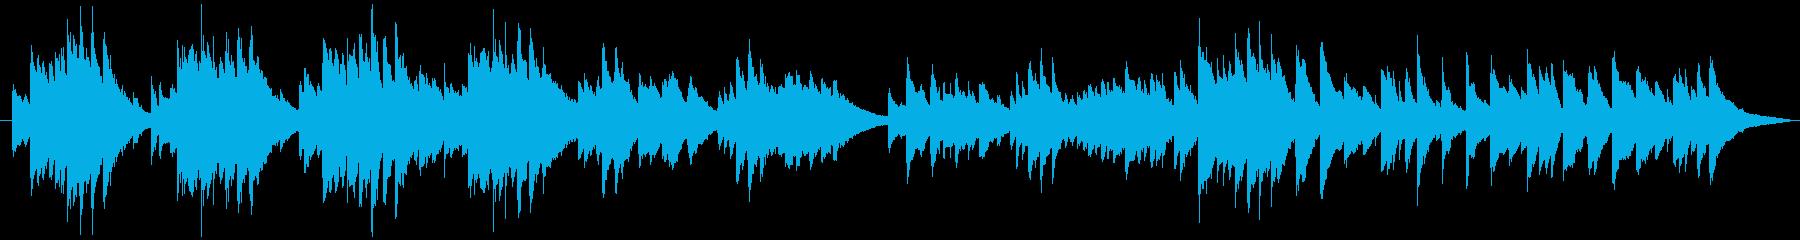 ピアノの旋律が切ない曲の再生済みの波形